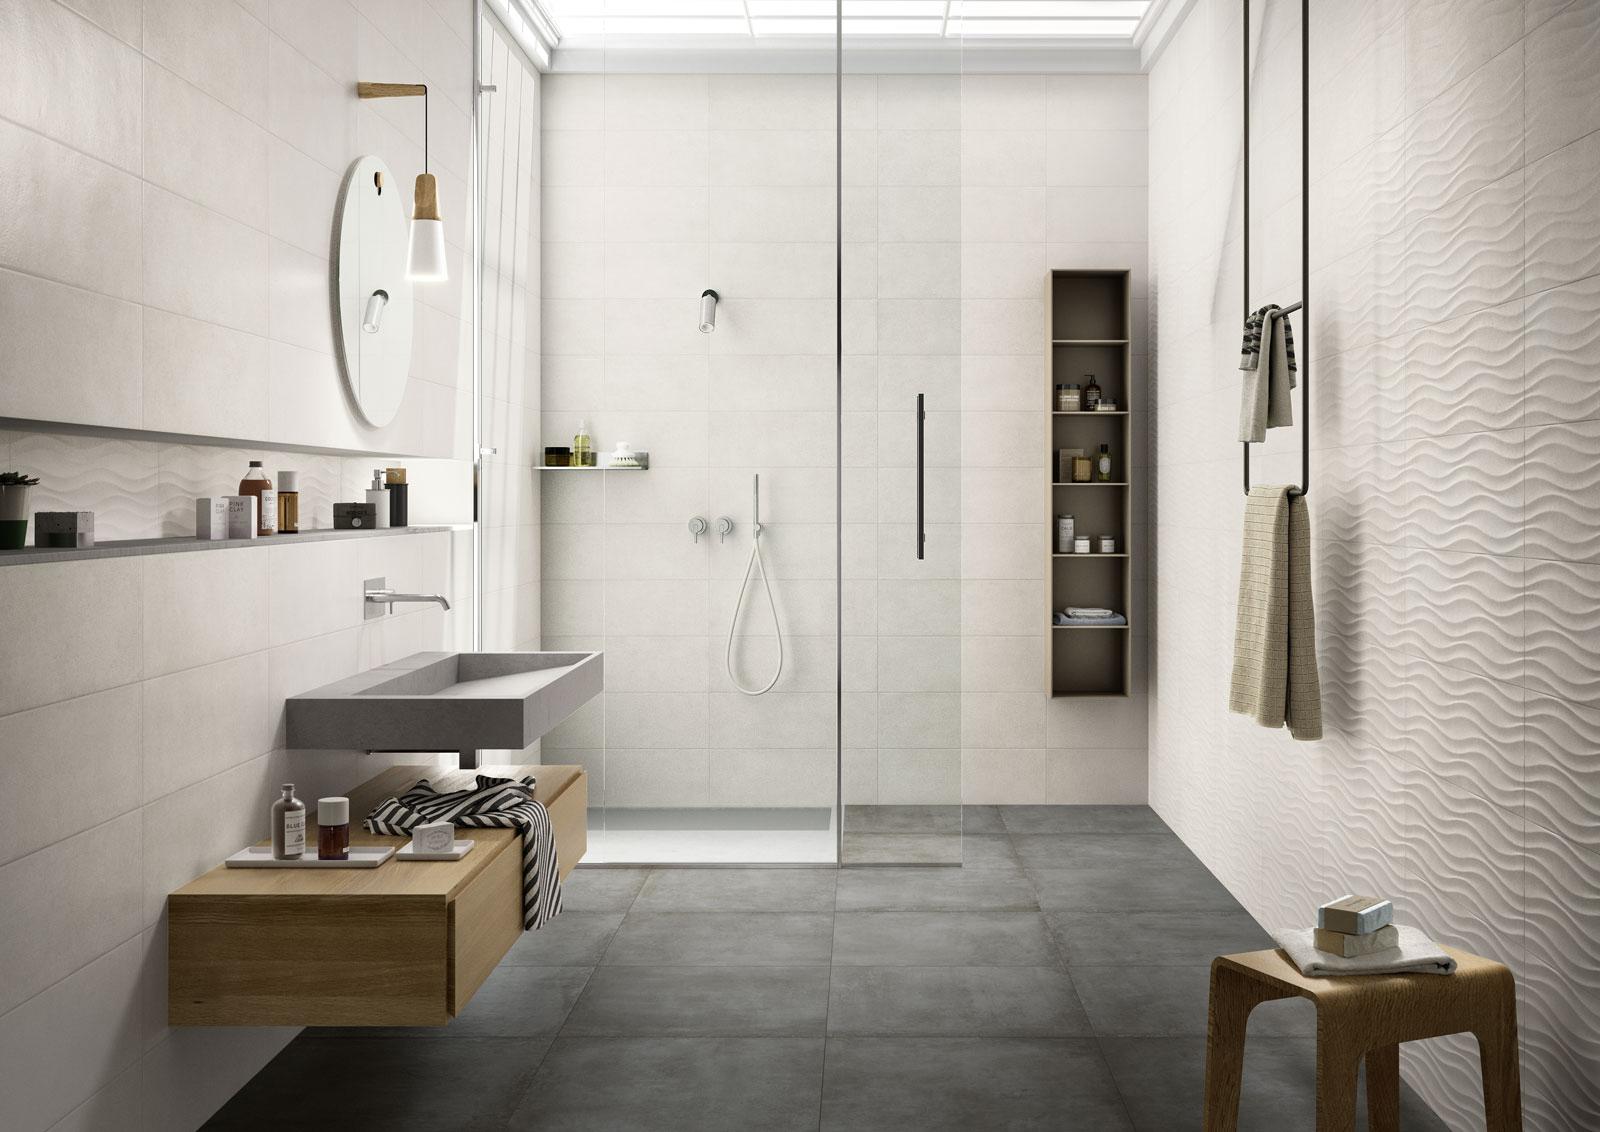 Clayline rivestimento per bagno marazzi for Marazzi piastrelle